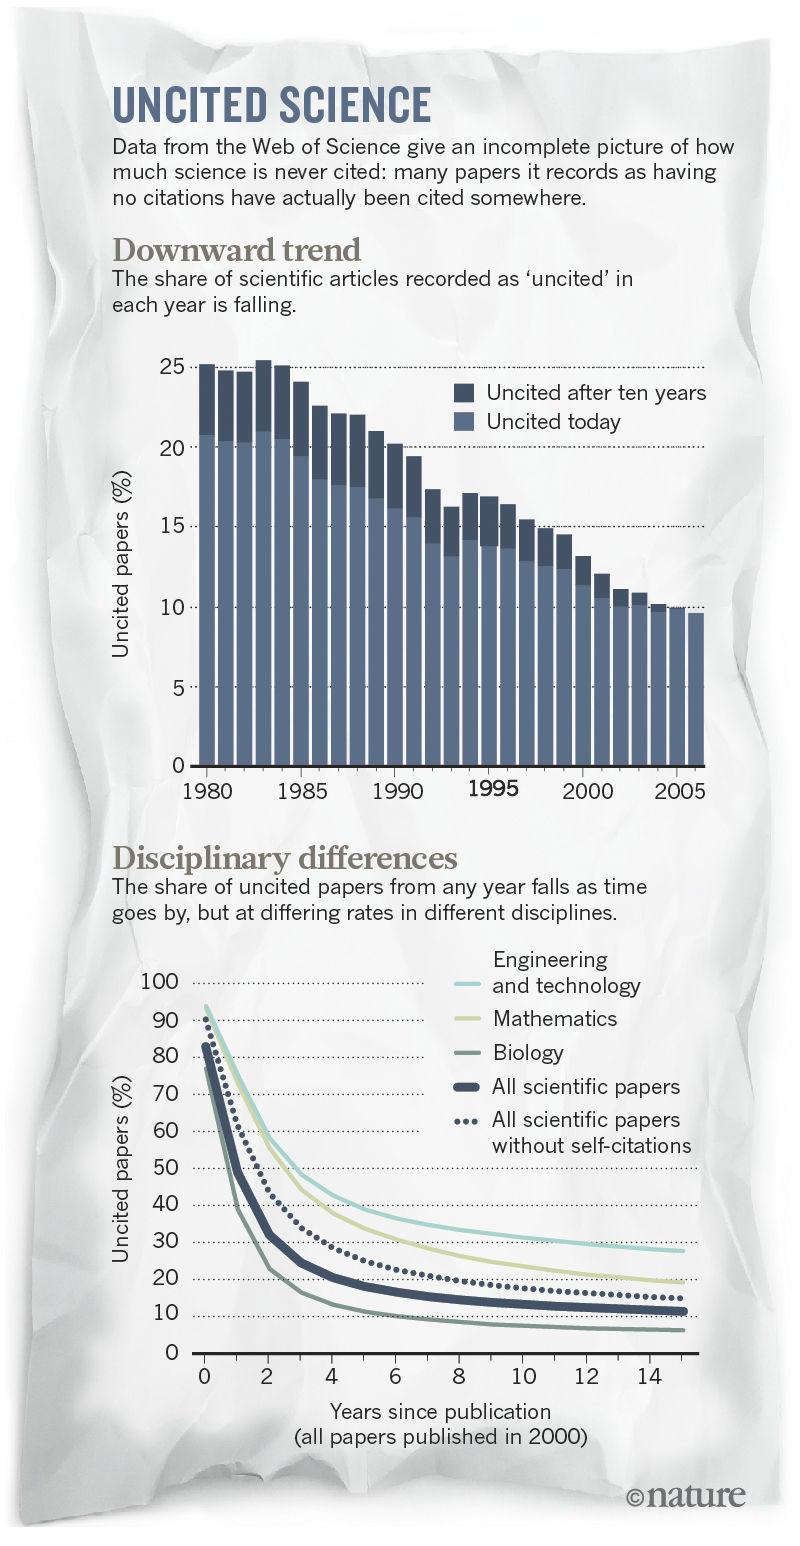 Наука которую никогда не цитировали geektimes Верхний график распределение количества работ без ссылок по годам Нижний различия в разных областях науки пунктиром обозначен общий график для всех